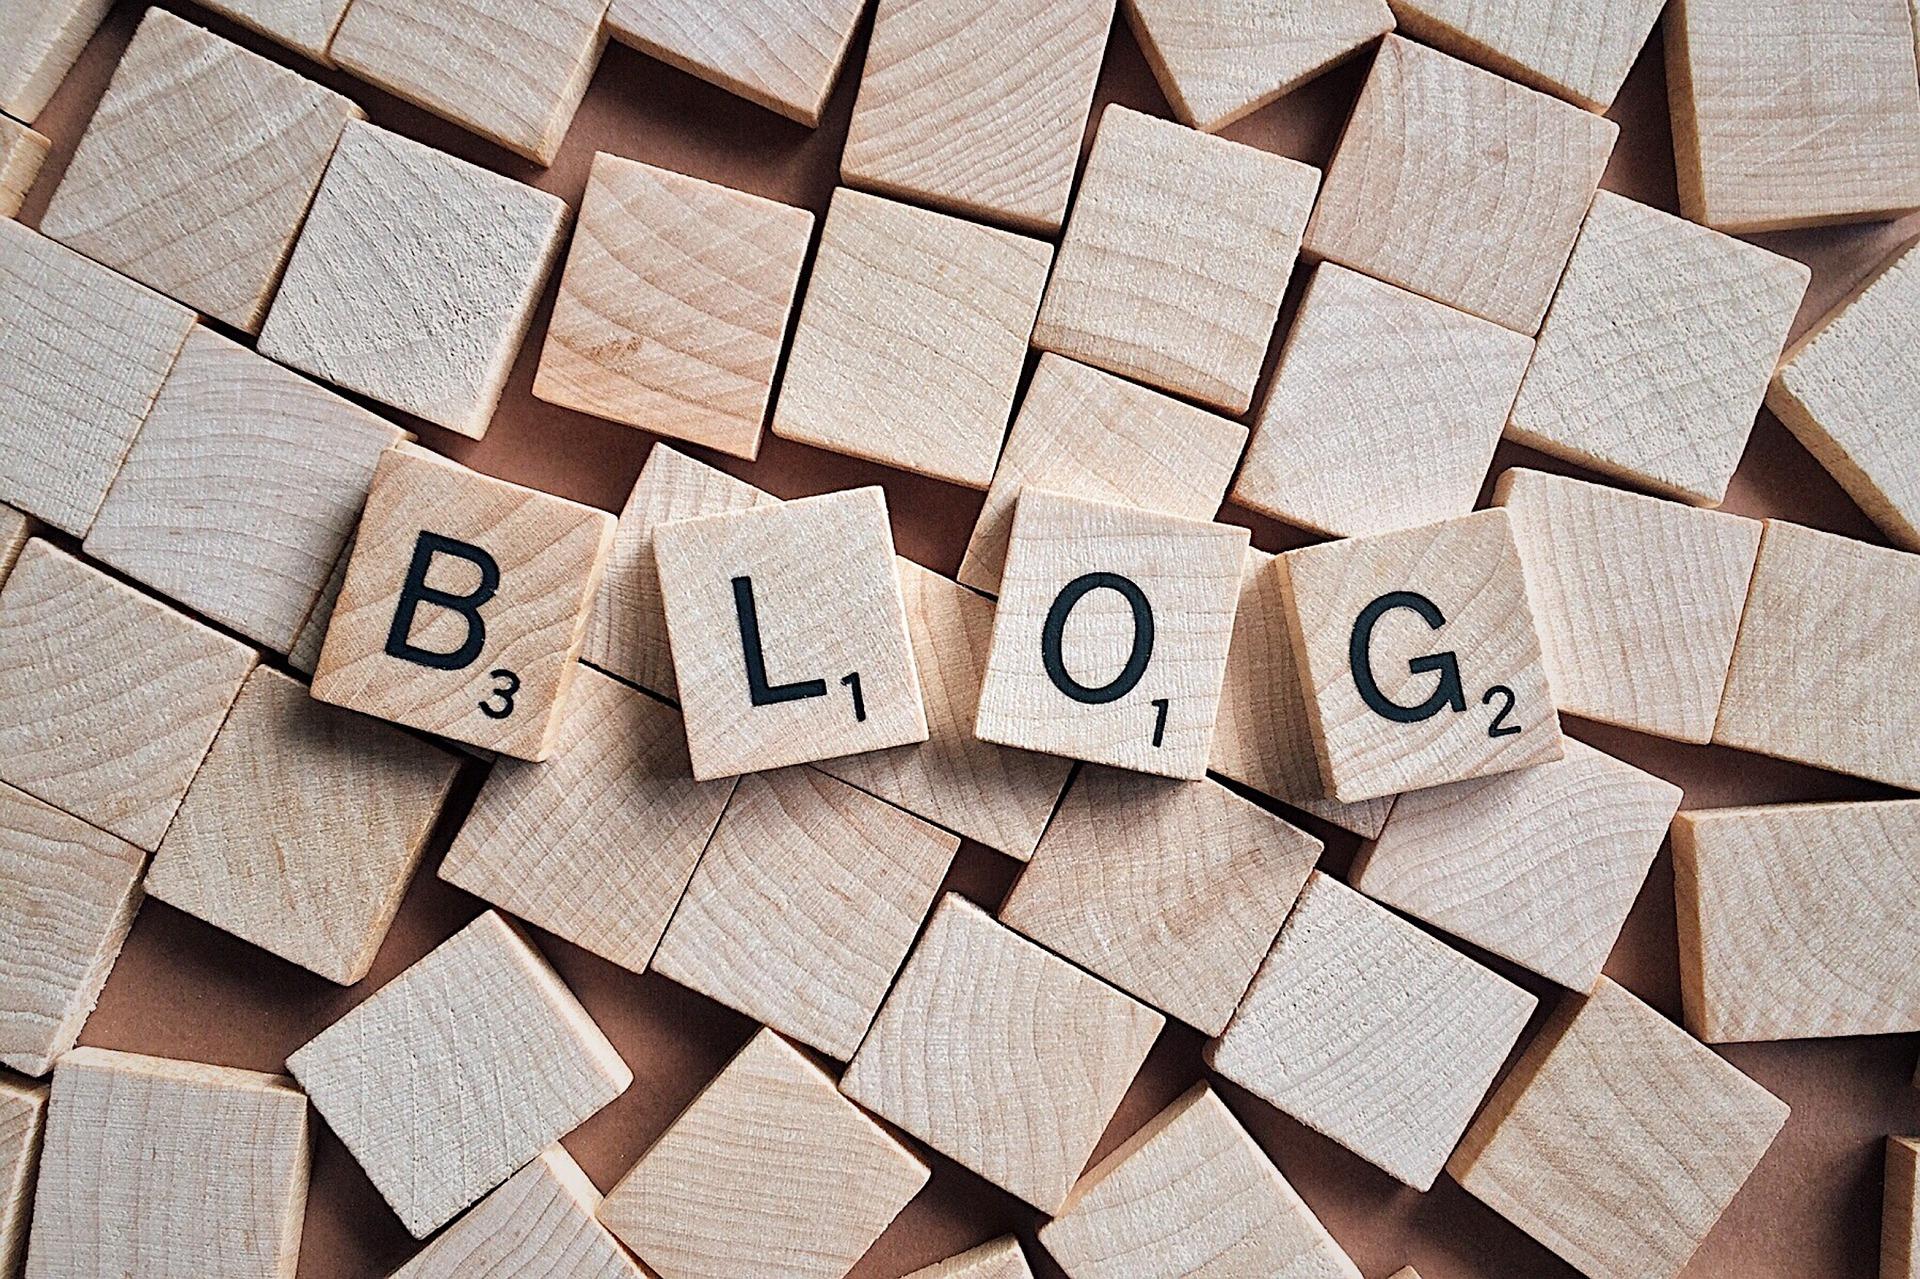 ブログを意味する木ブロック